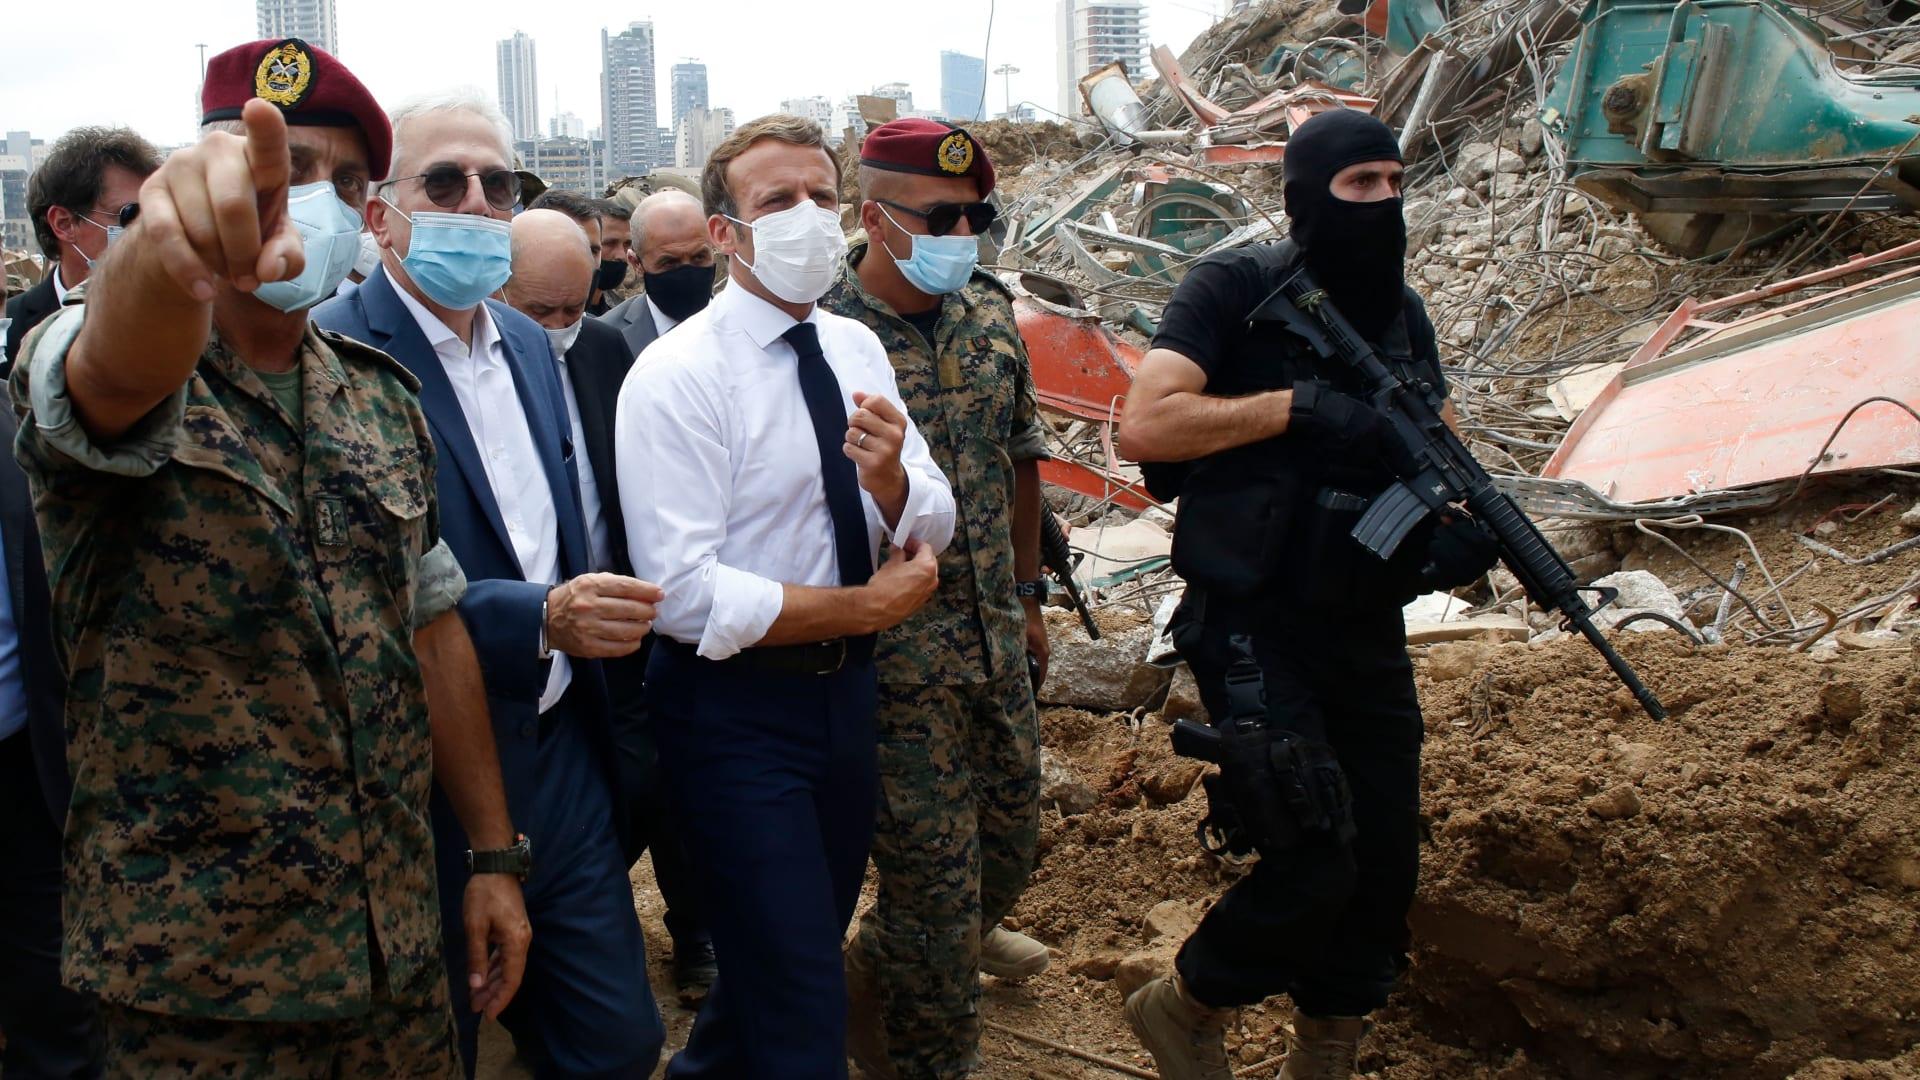 ماكرون يتجول بين الحشود في بيروت وسط هتافات تطالب بإسقاط النظام